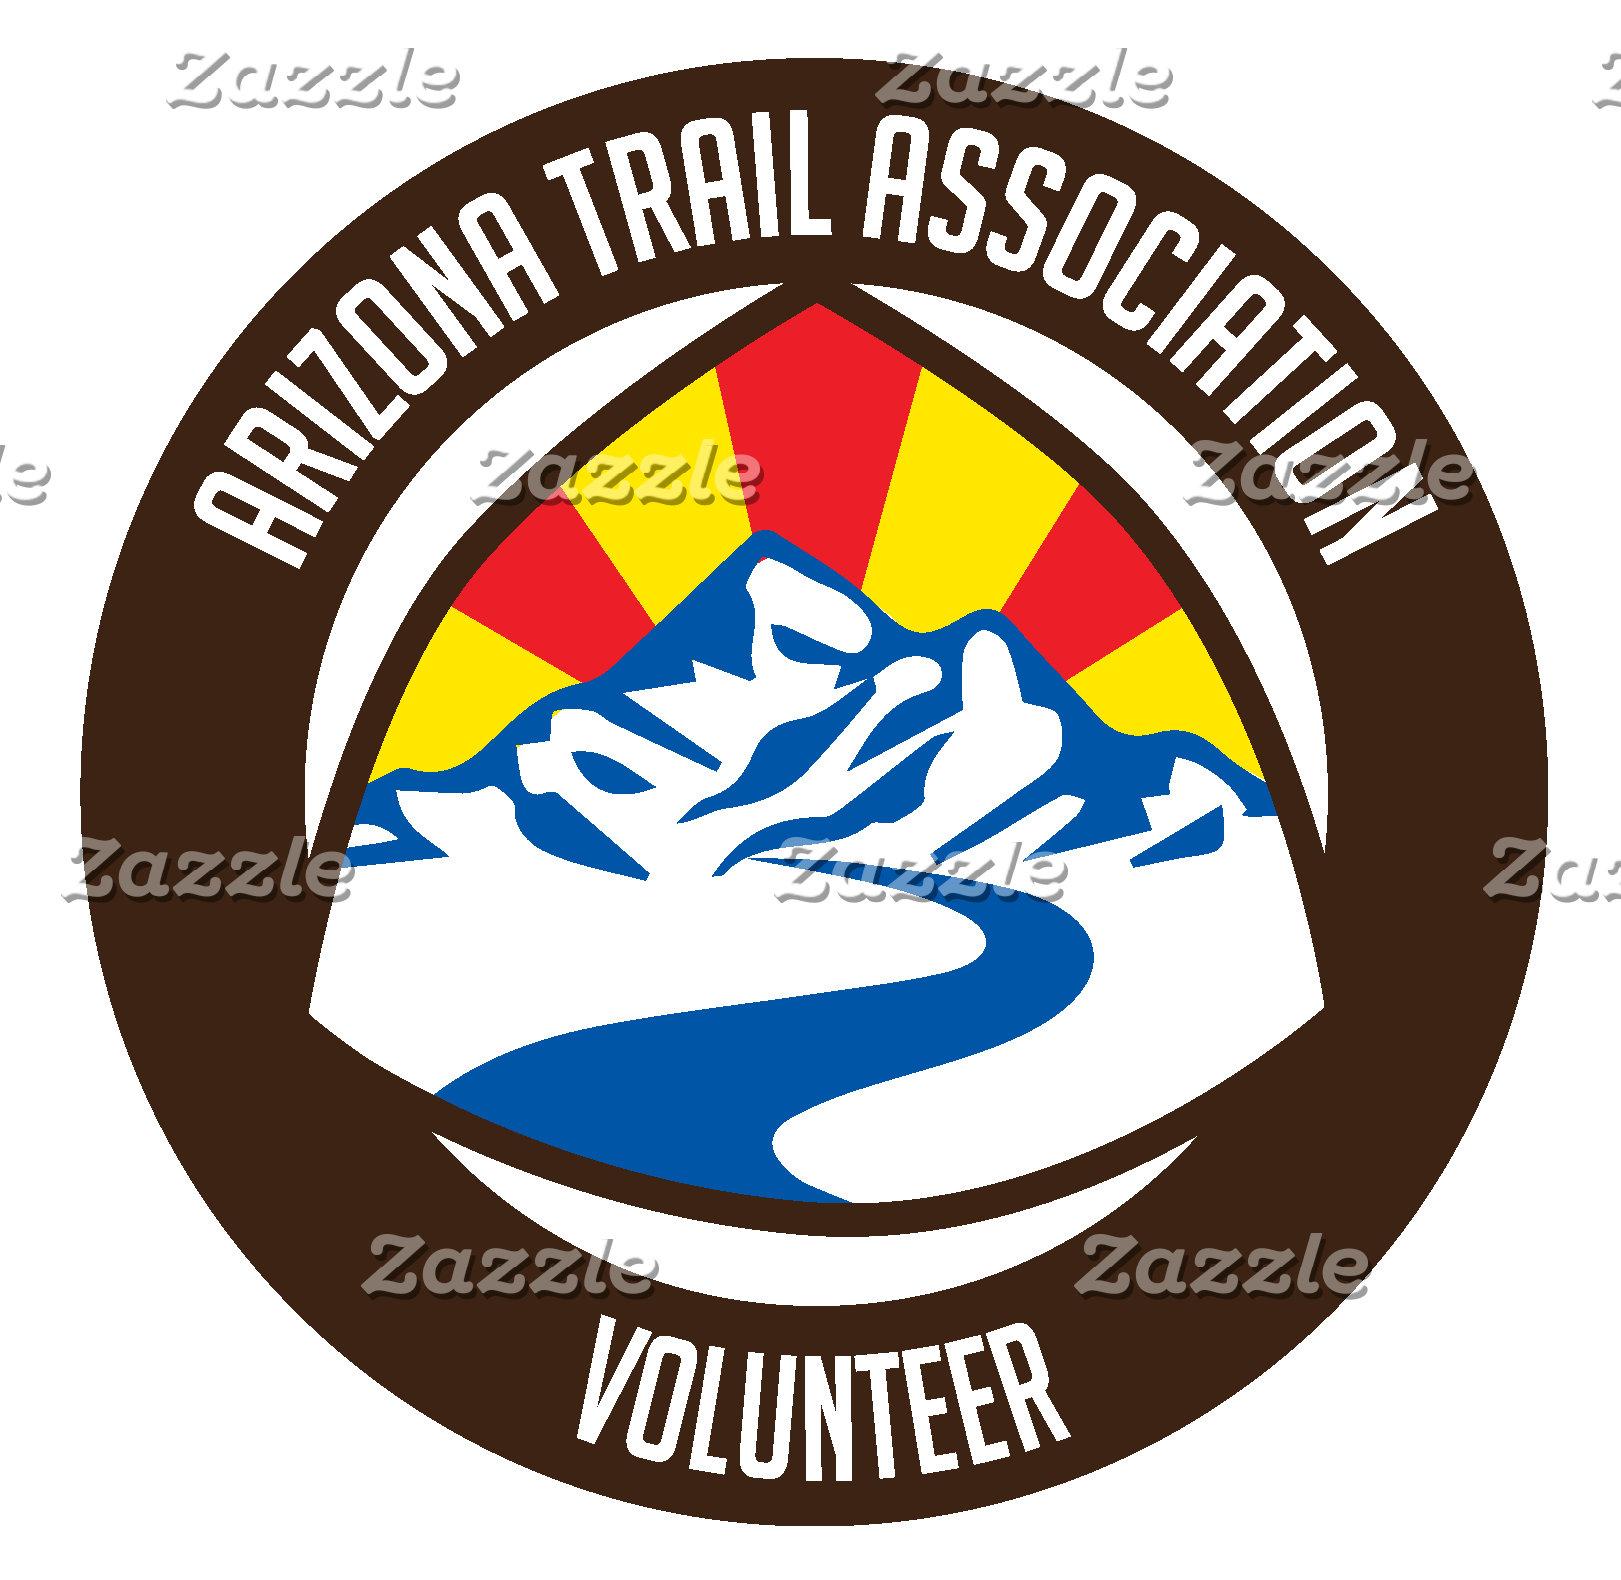 Volunteer Logo Gear